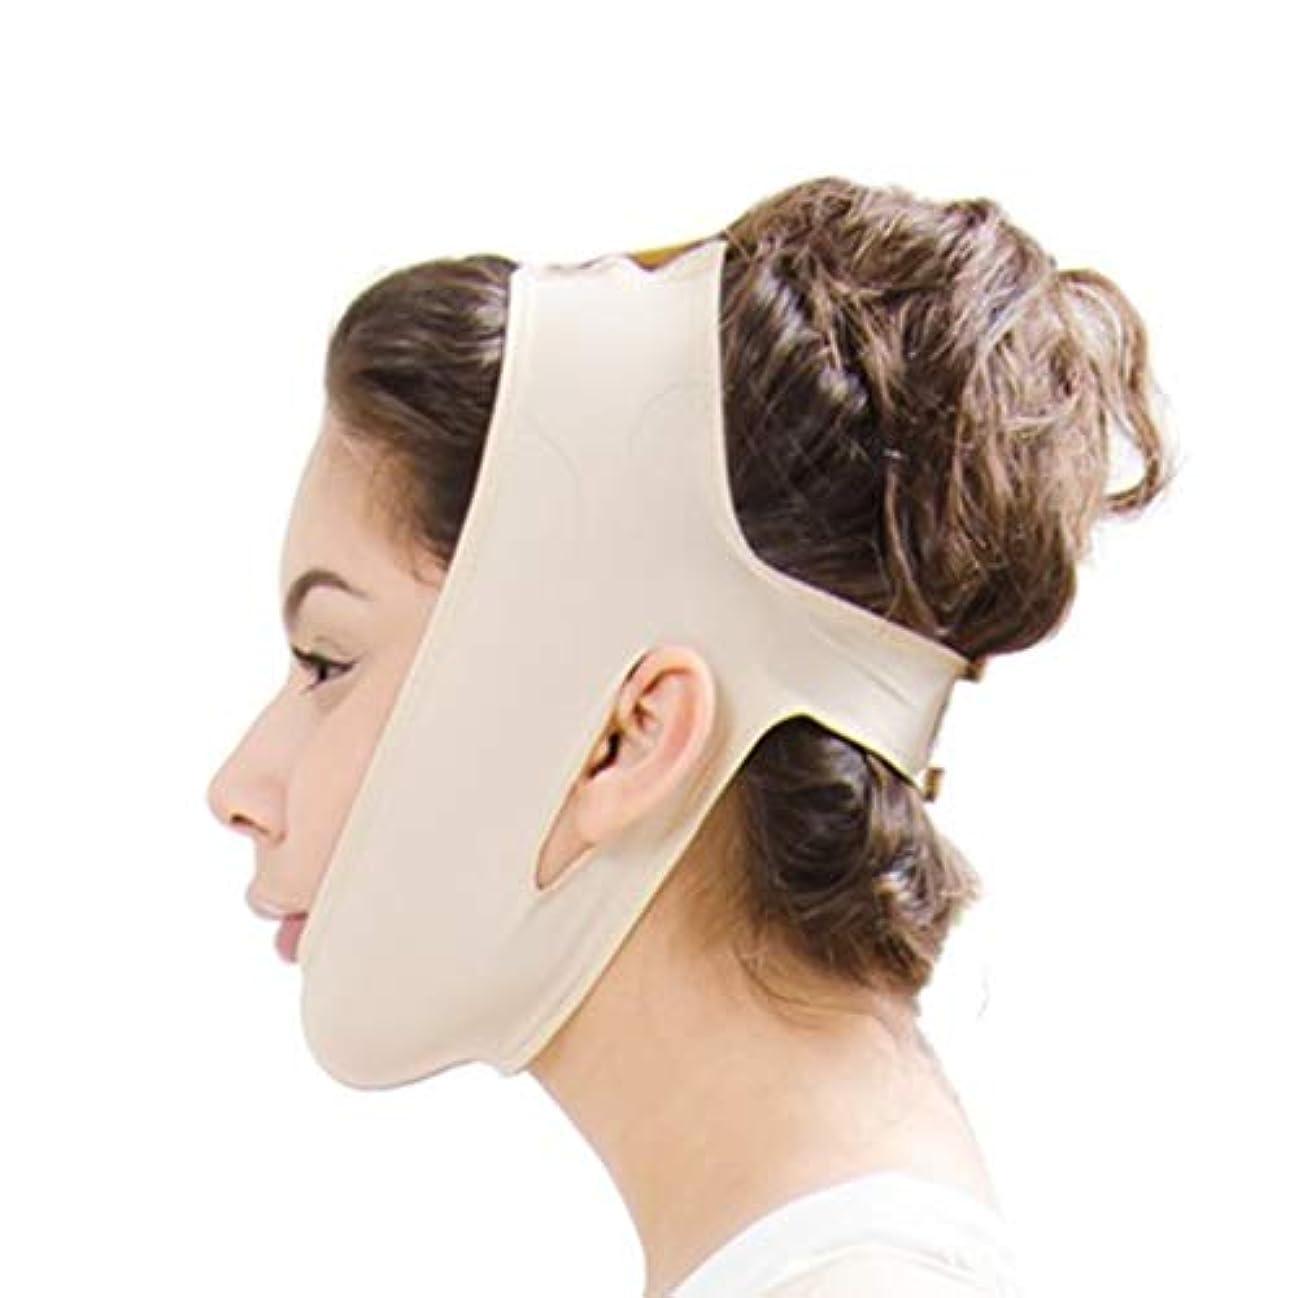 フェリー手当ストリップXHLMRMJ フェイスリフトマスク、圧縮後の顎顔面二重あご化粧品脂肪吸引小さな顔包帯弾性ヘッドギア (Size : XXL)